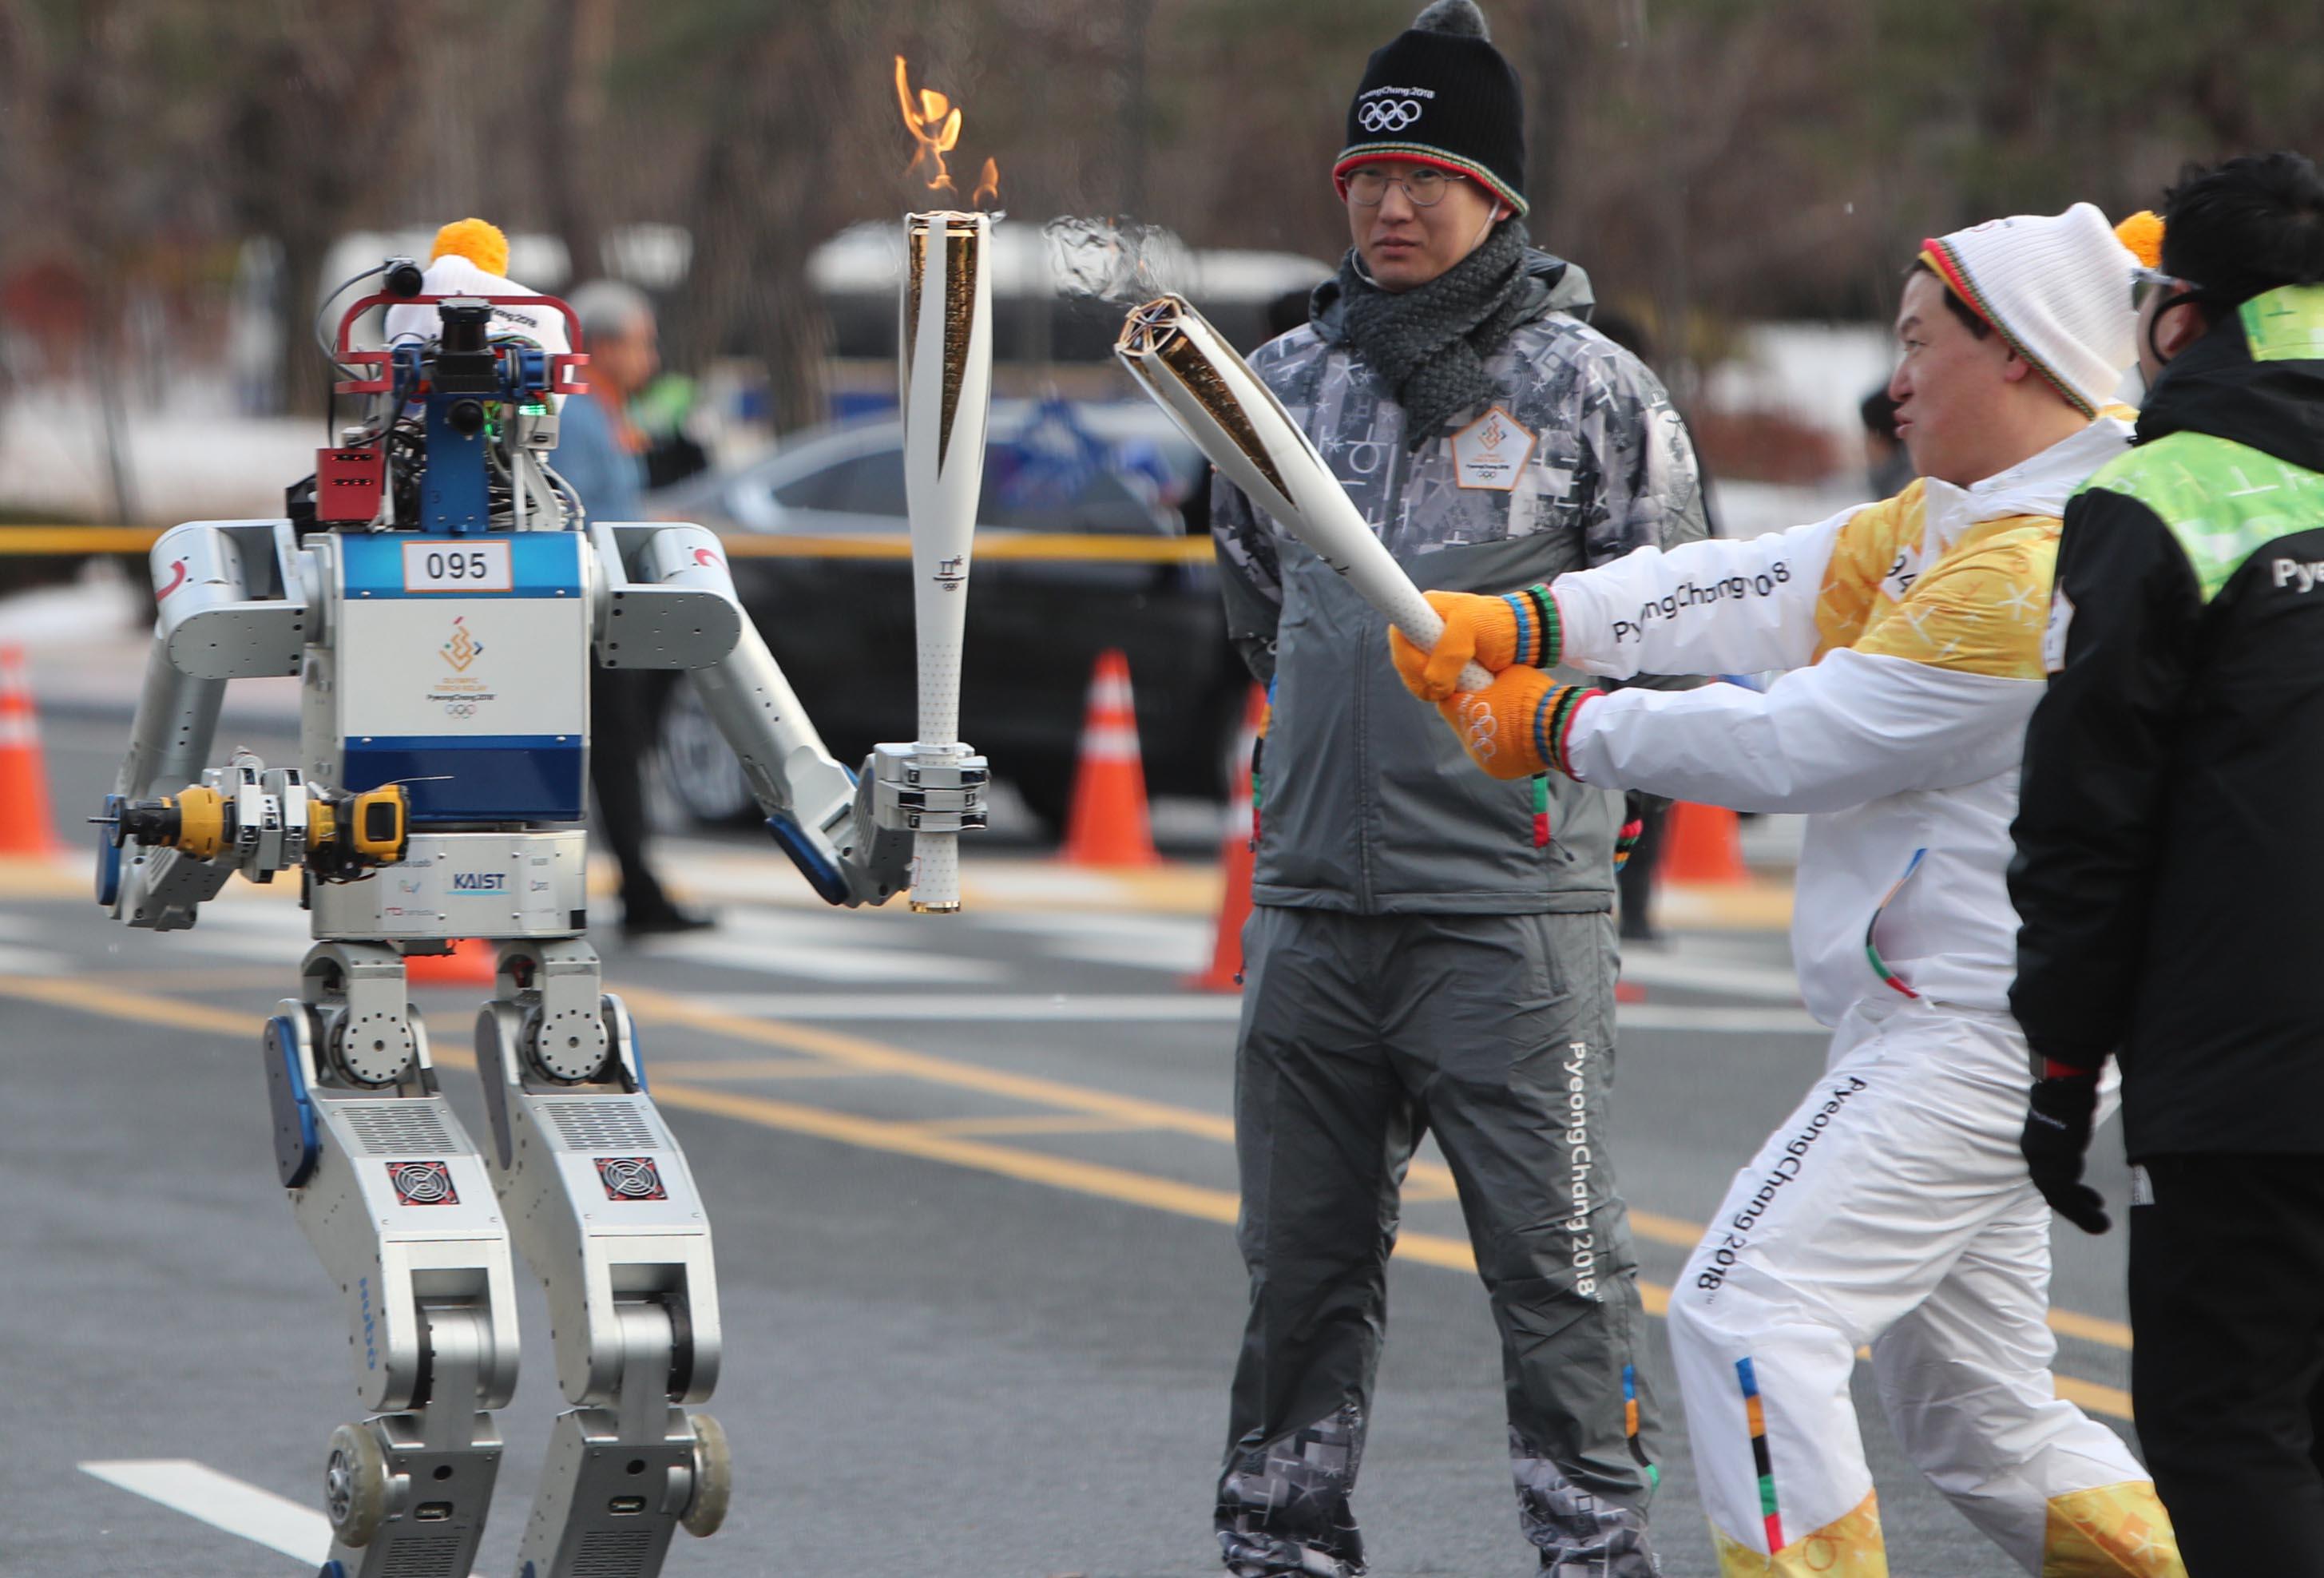 当地时间2017年12月11日,韩国大田,2018平昌冬奥会火炬传递,韩国科学技术学院研发的一款人形机器人HUBO成为一名火炬手,创造机器人传递圣火的首个世界纪录。